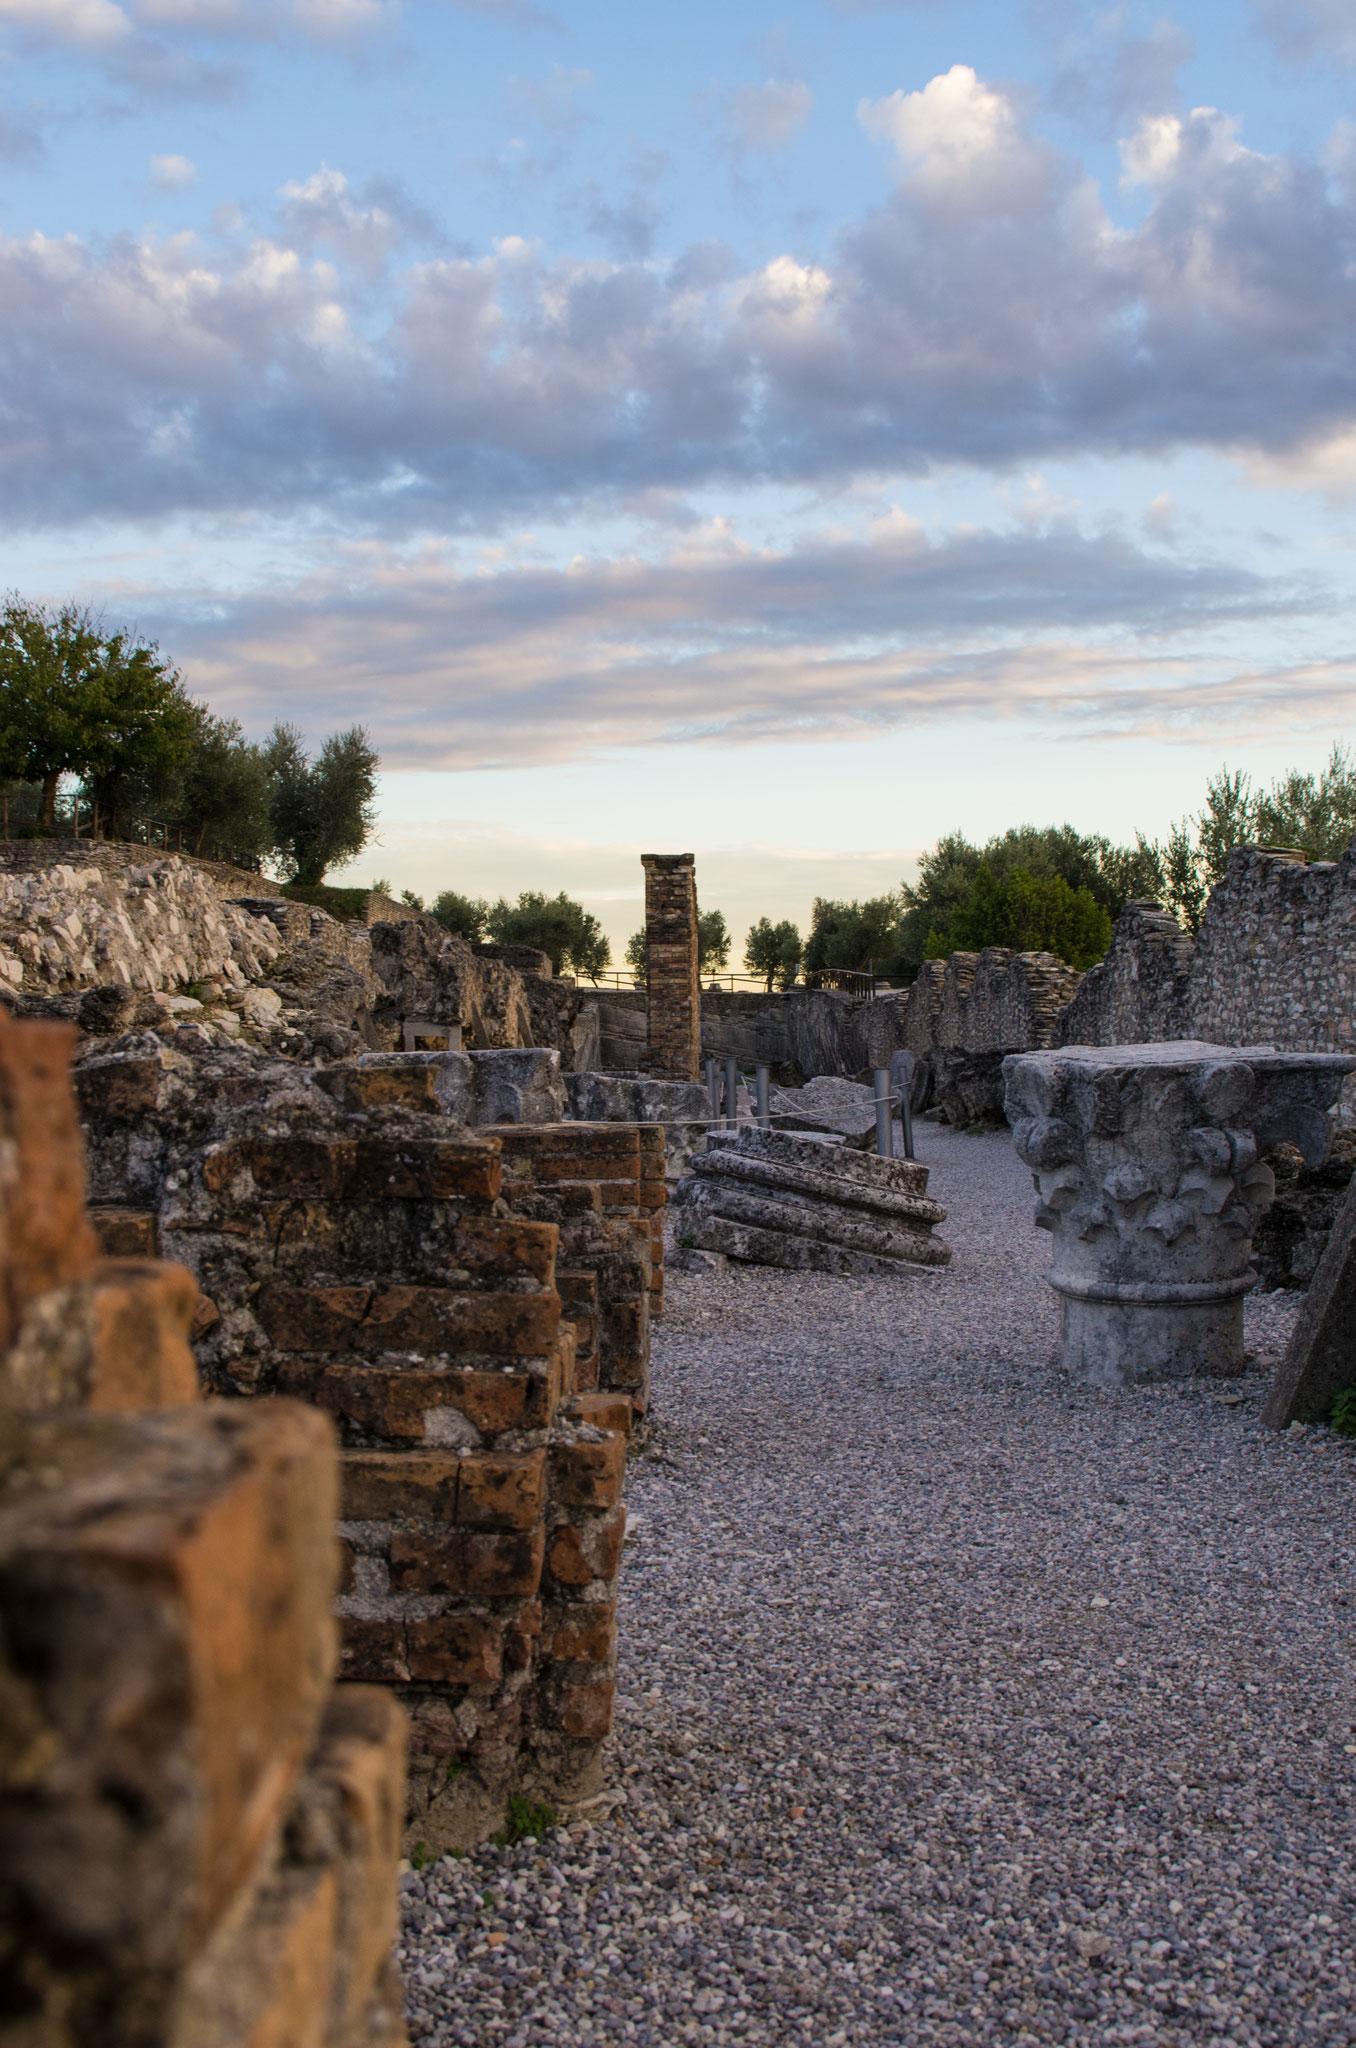 Das Bild hat ein Freund (Instagram: @polygon_and_pixel) beim gemeinsamen Wandern durch die Ruinen einer Römervilla aufgenommen. So eine riesige Anlage und so viele Jahre und Geschichten stecken in diesen Steinen... *Gänsehaut*